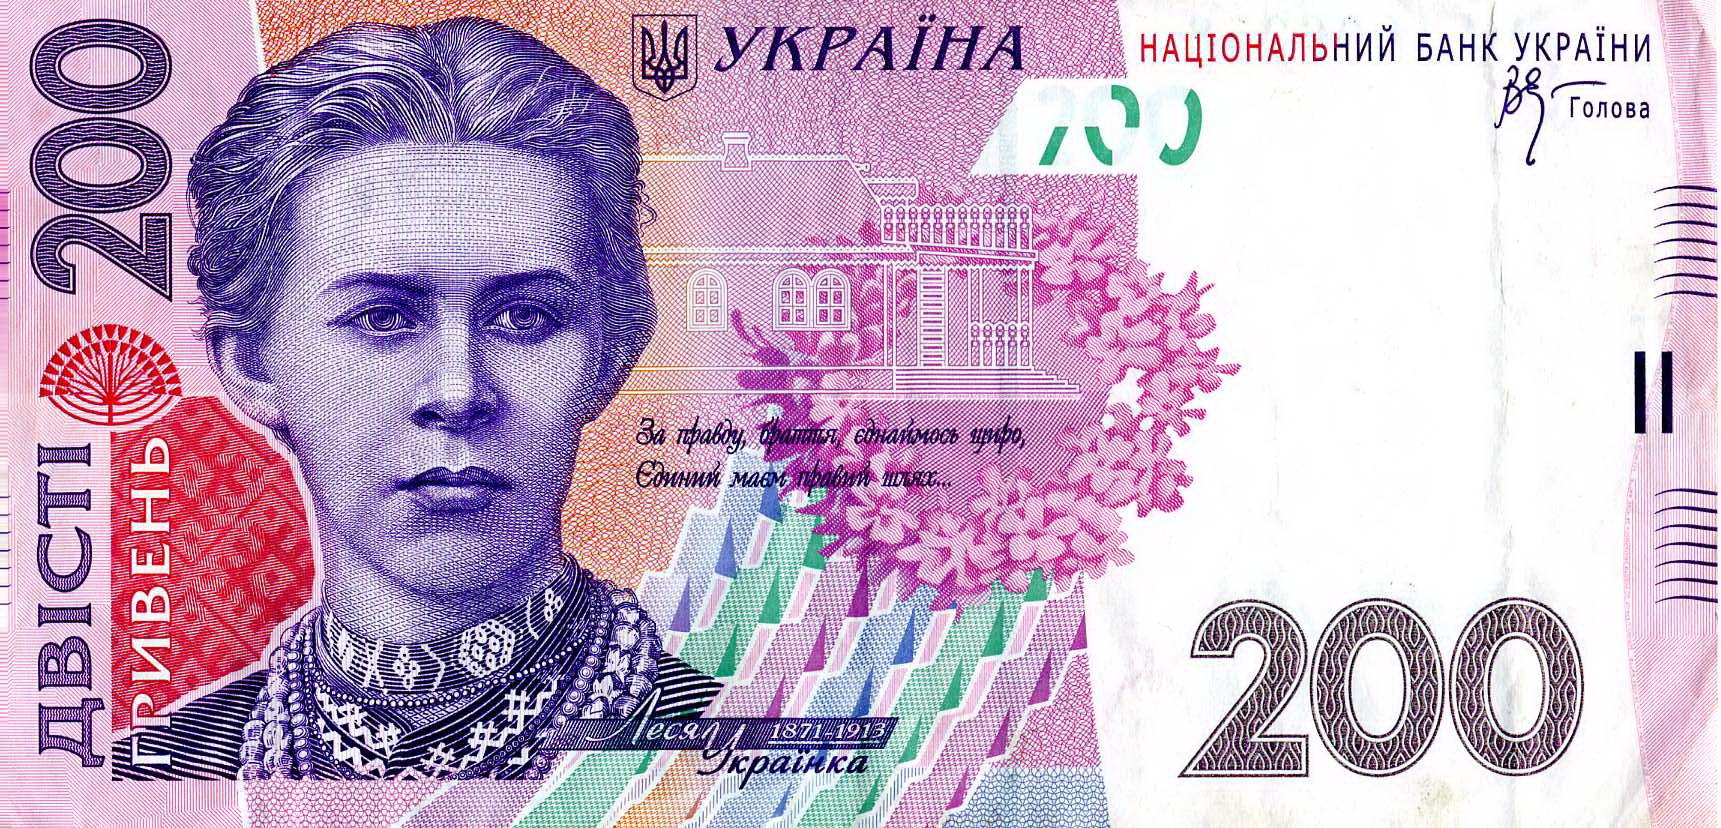 поделки украинские деньги фото заболевания изучает отдельная